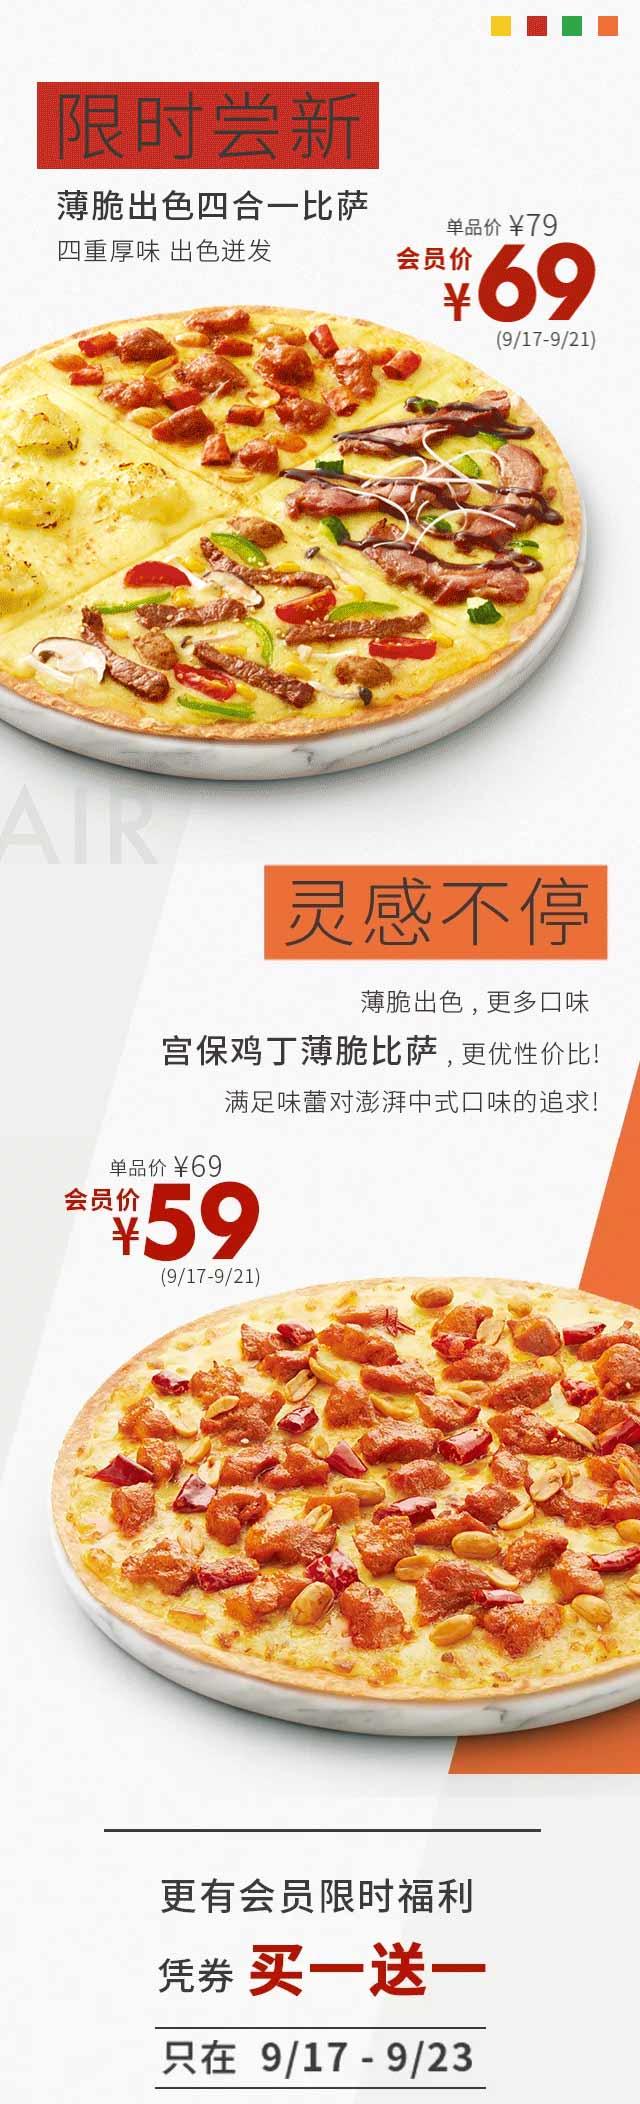 必胜客Pizza Air薄脆四合一比萨,会员限时优惠59元起 有效期至:2018年10月7日 www.5ikfc.com